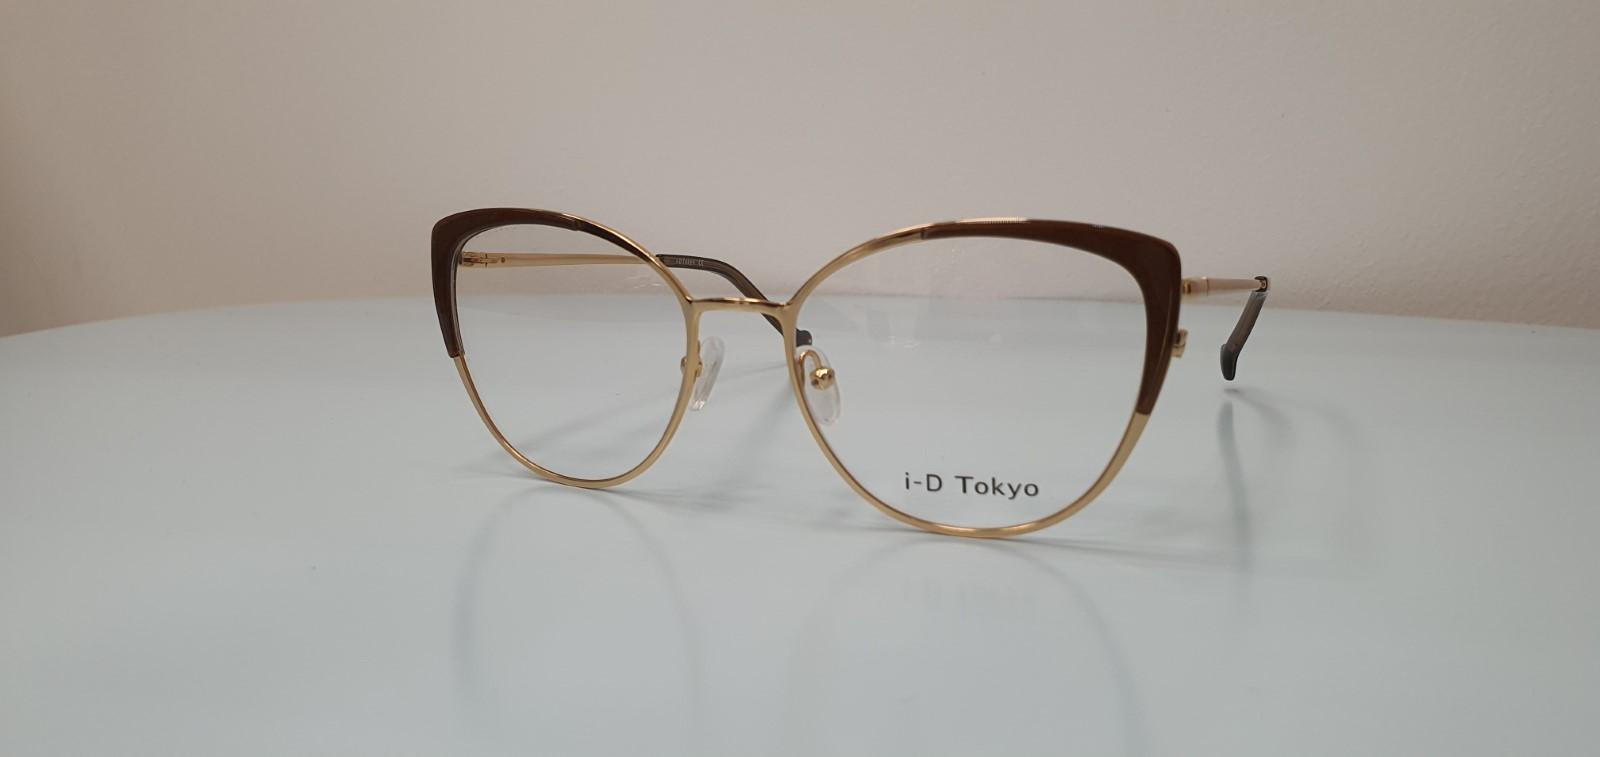 okulary-korekcyjne-katowice-oprawki-okularowe-07